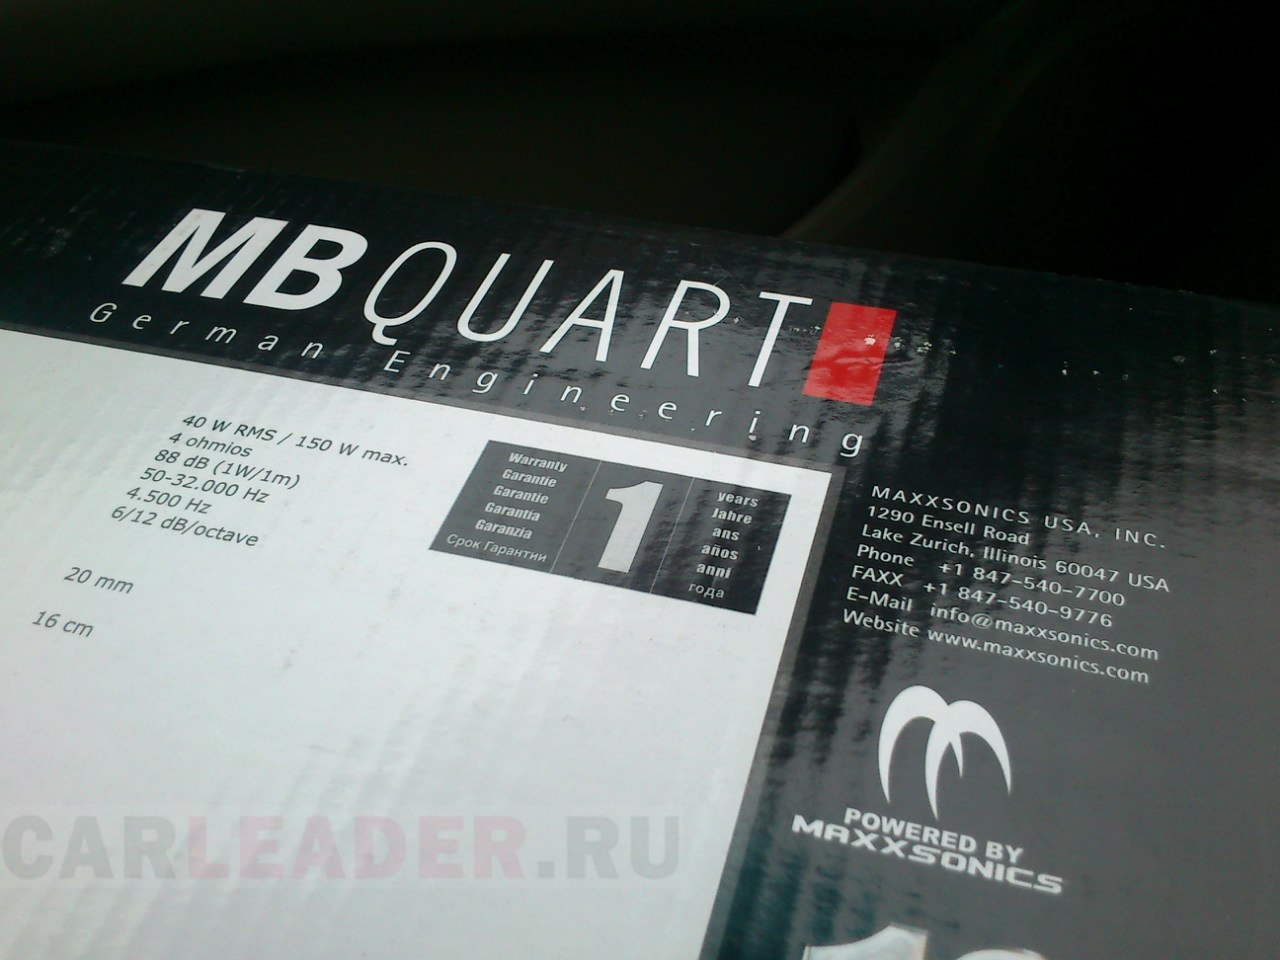 MB Quart FKB 116